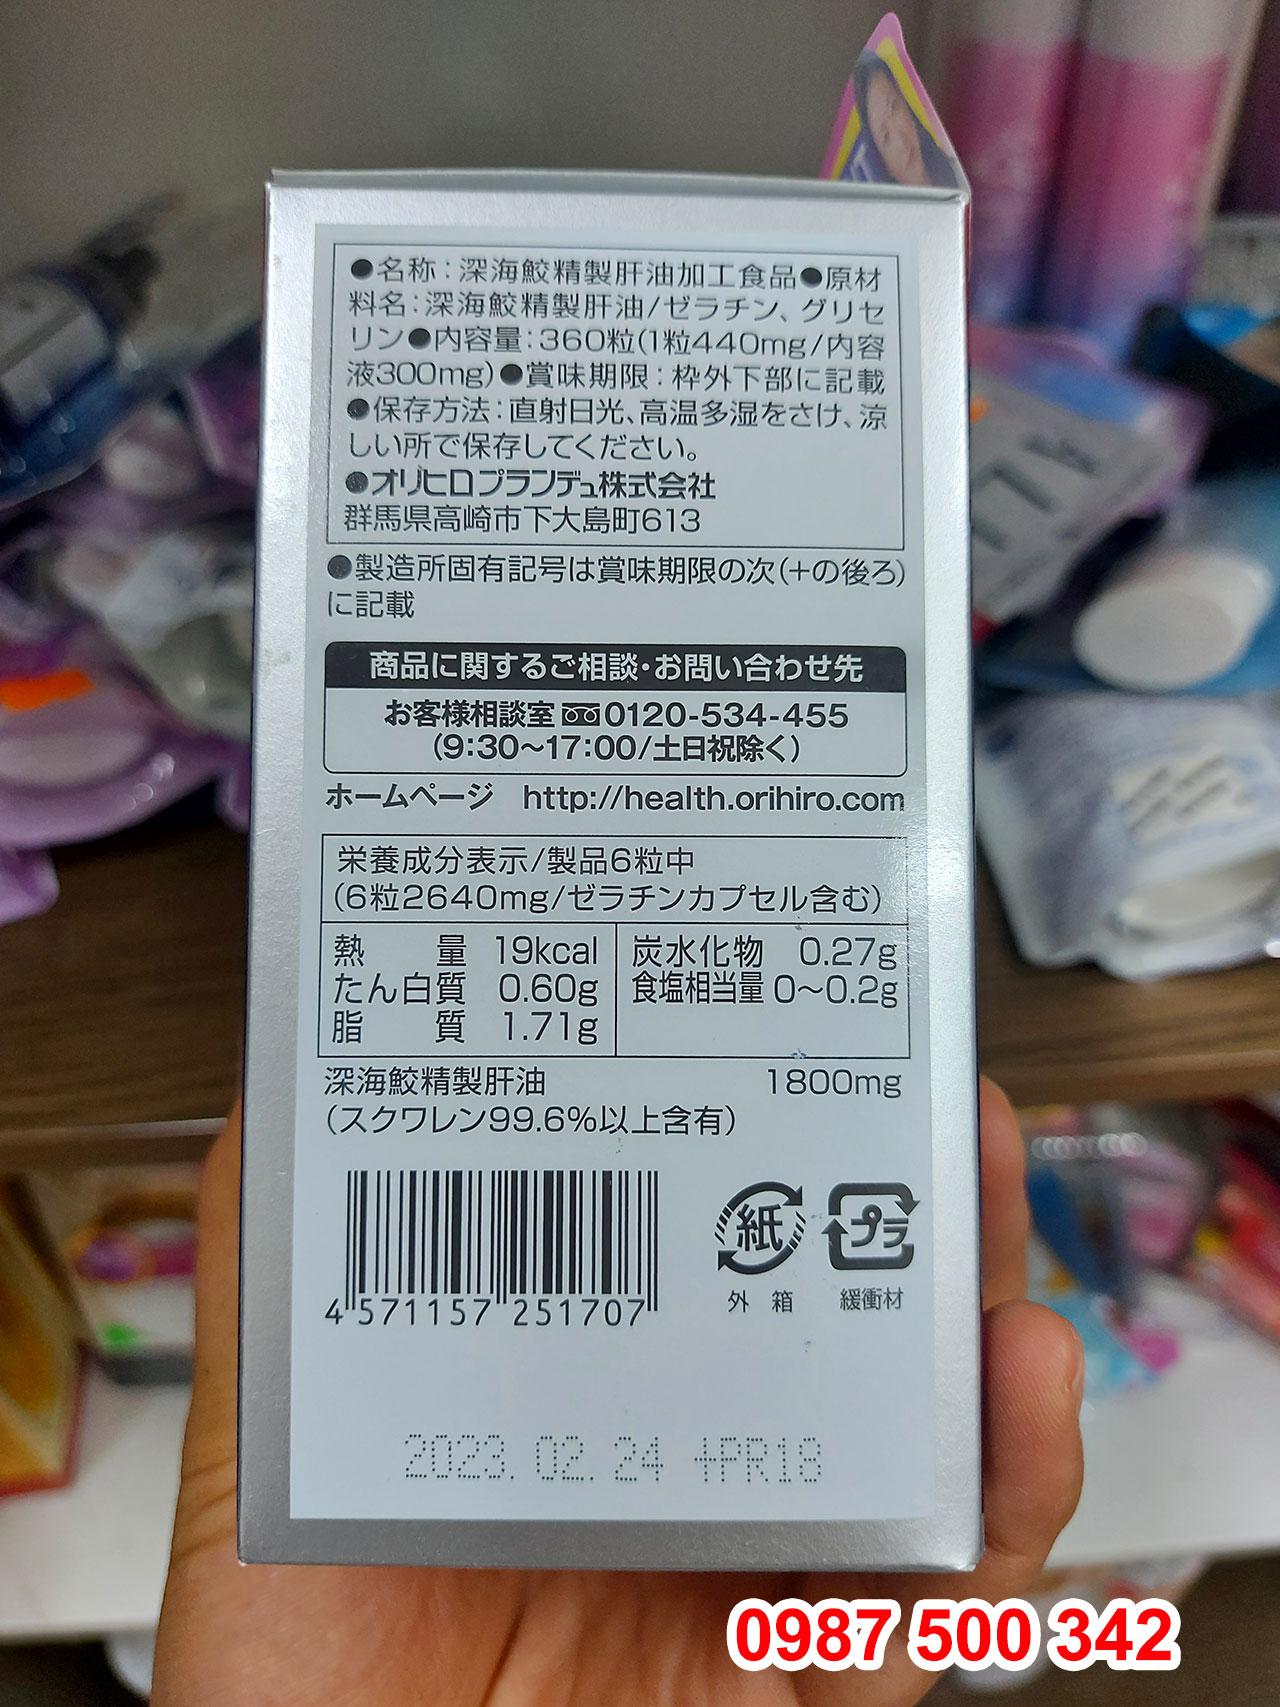 Thông tin mã vạch,. hạn sử dụng sản phẩm sụn vi cá mập Orihiro Squalene Nhật Bản 360 viên